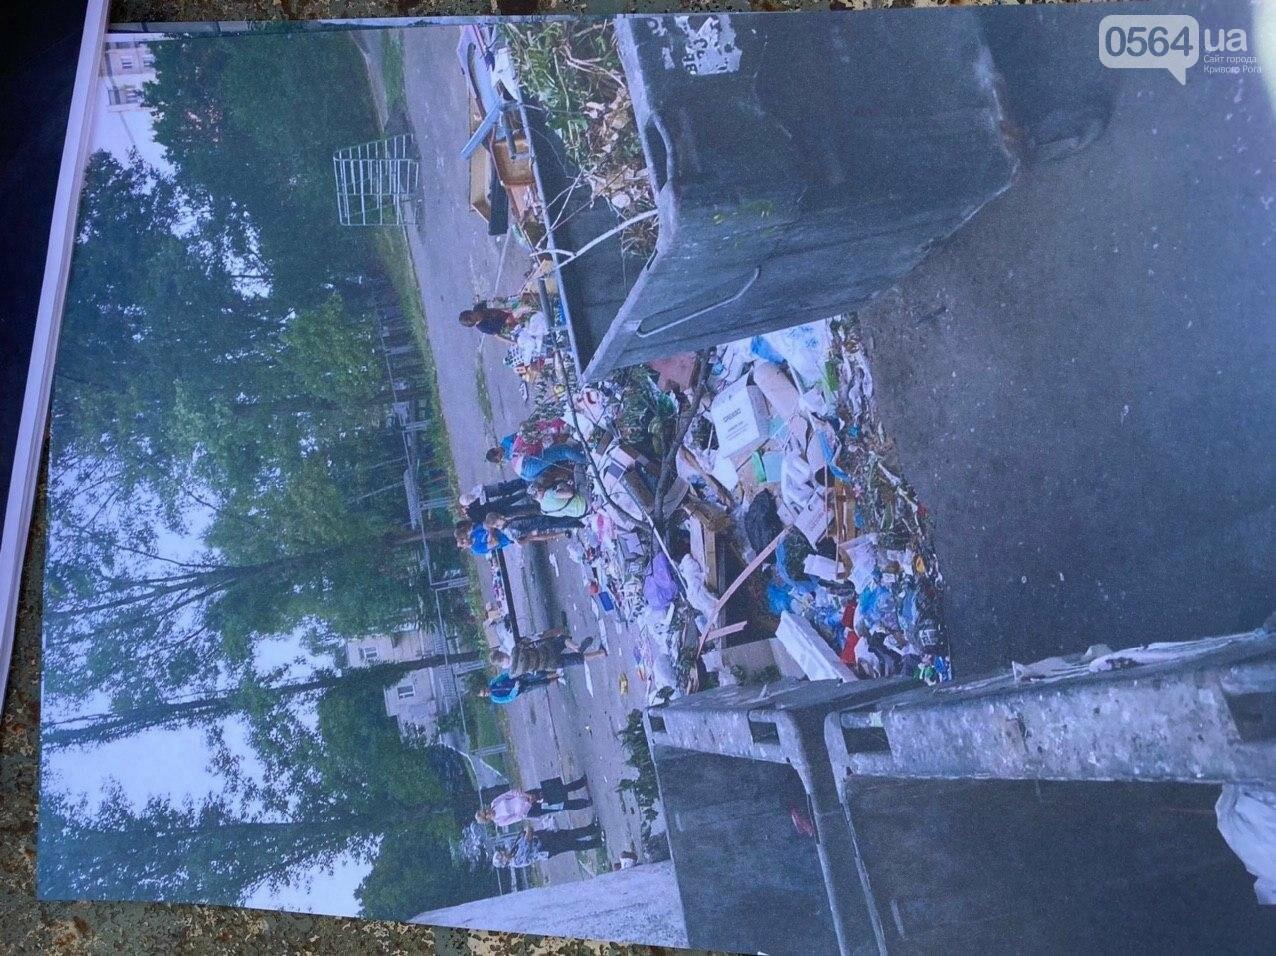 """""""Даже не смешно"""": криворожанам на просьбу реконструировать контейнерную площадку отчитались об уборке, - ФОТО, ВИДЕО , фото-7"""